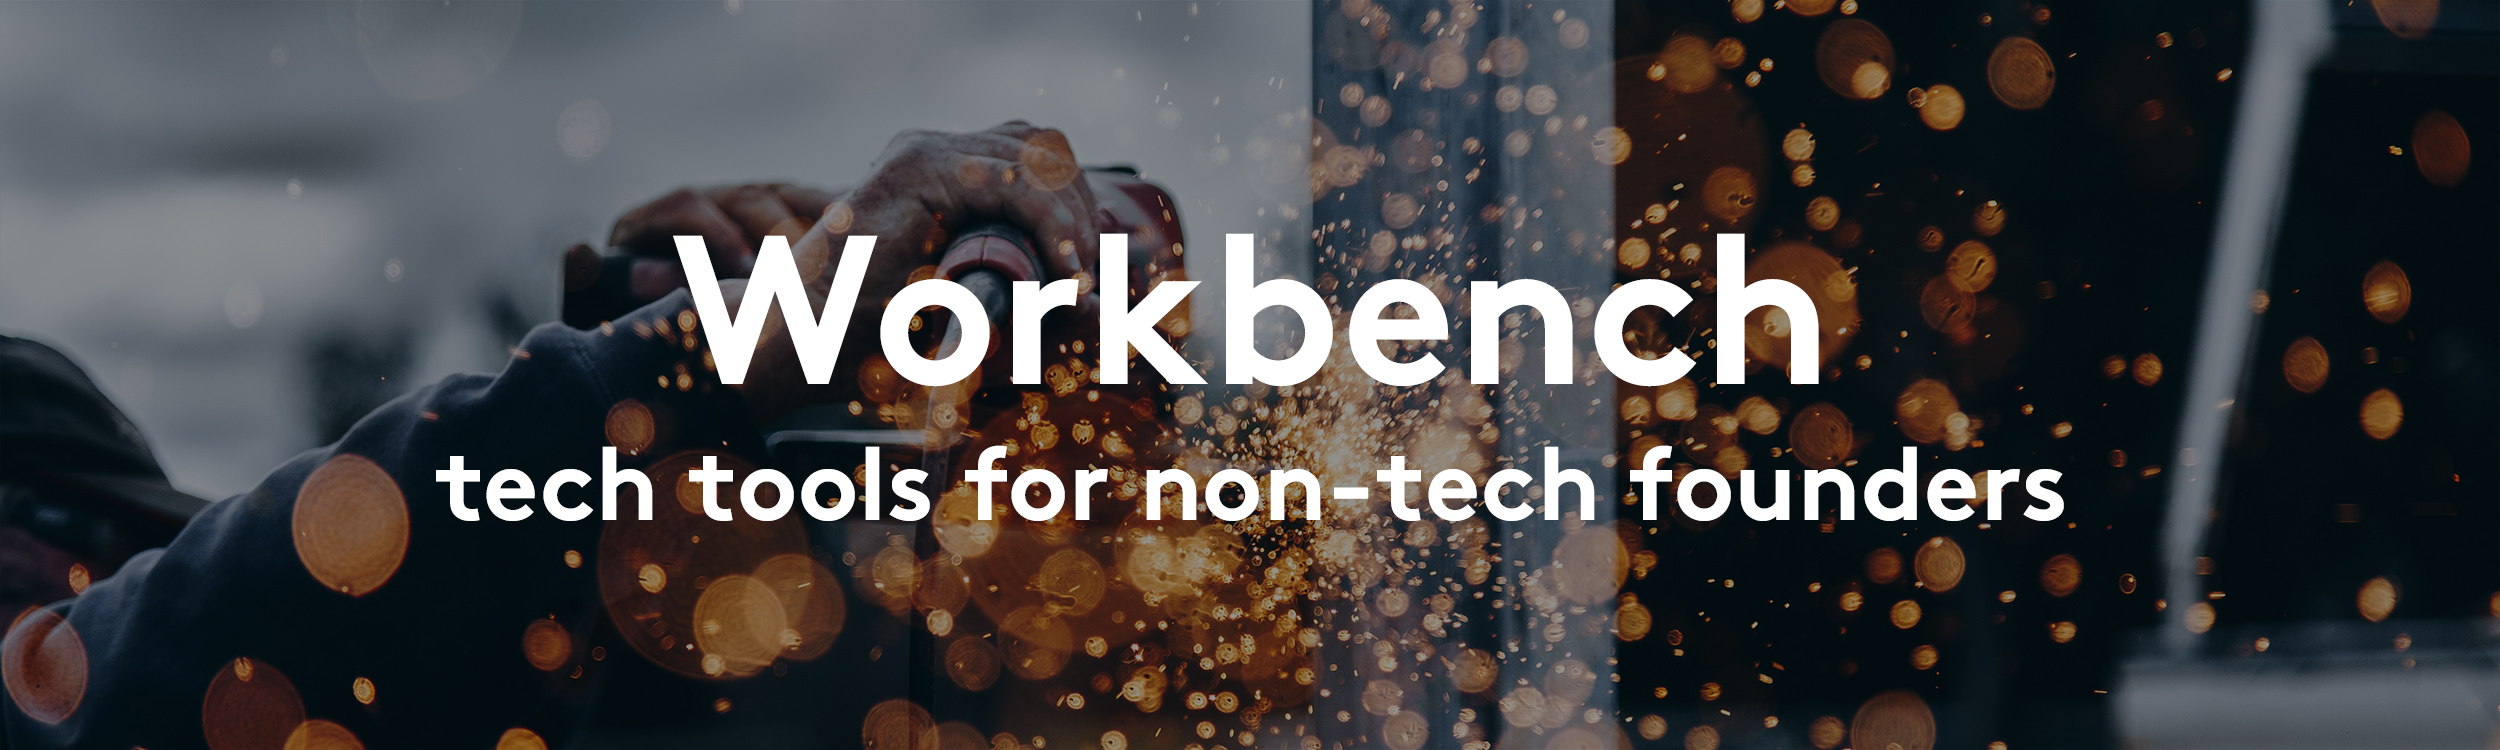 workbench.jpg